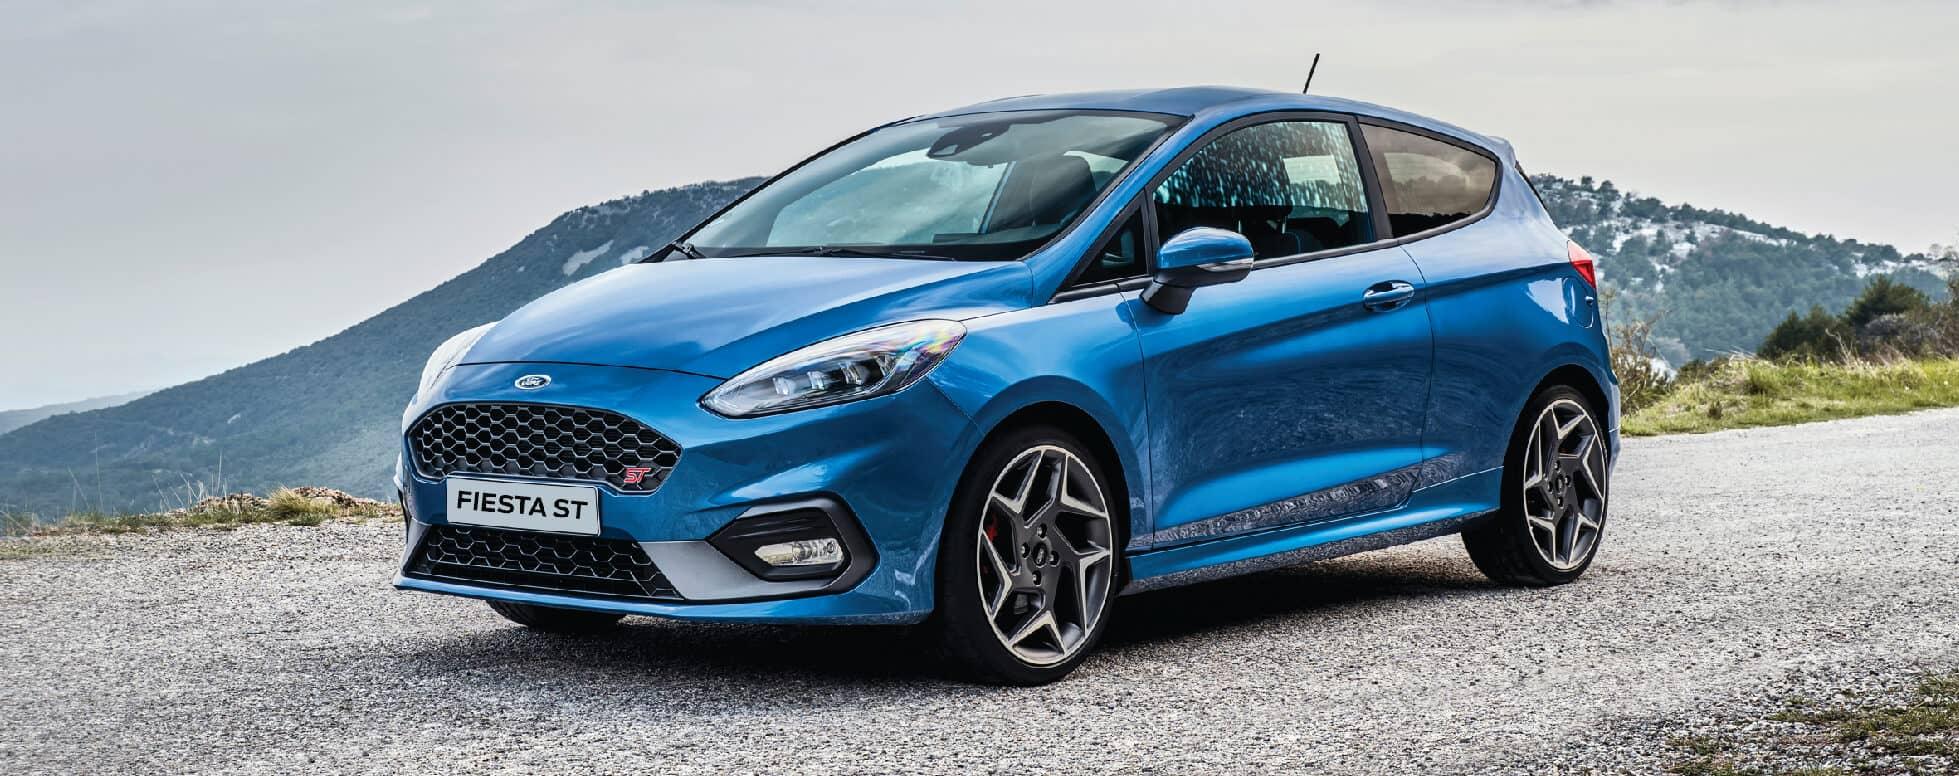 All New Ford Fiesta St Bristol Street Motors